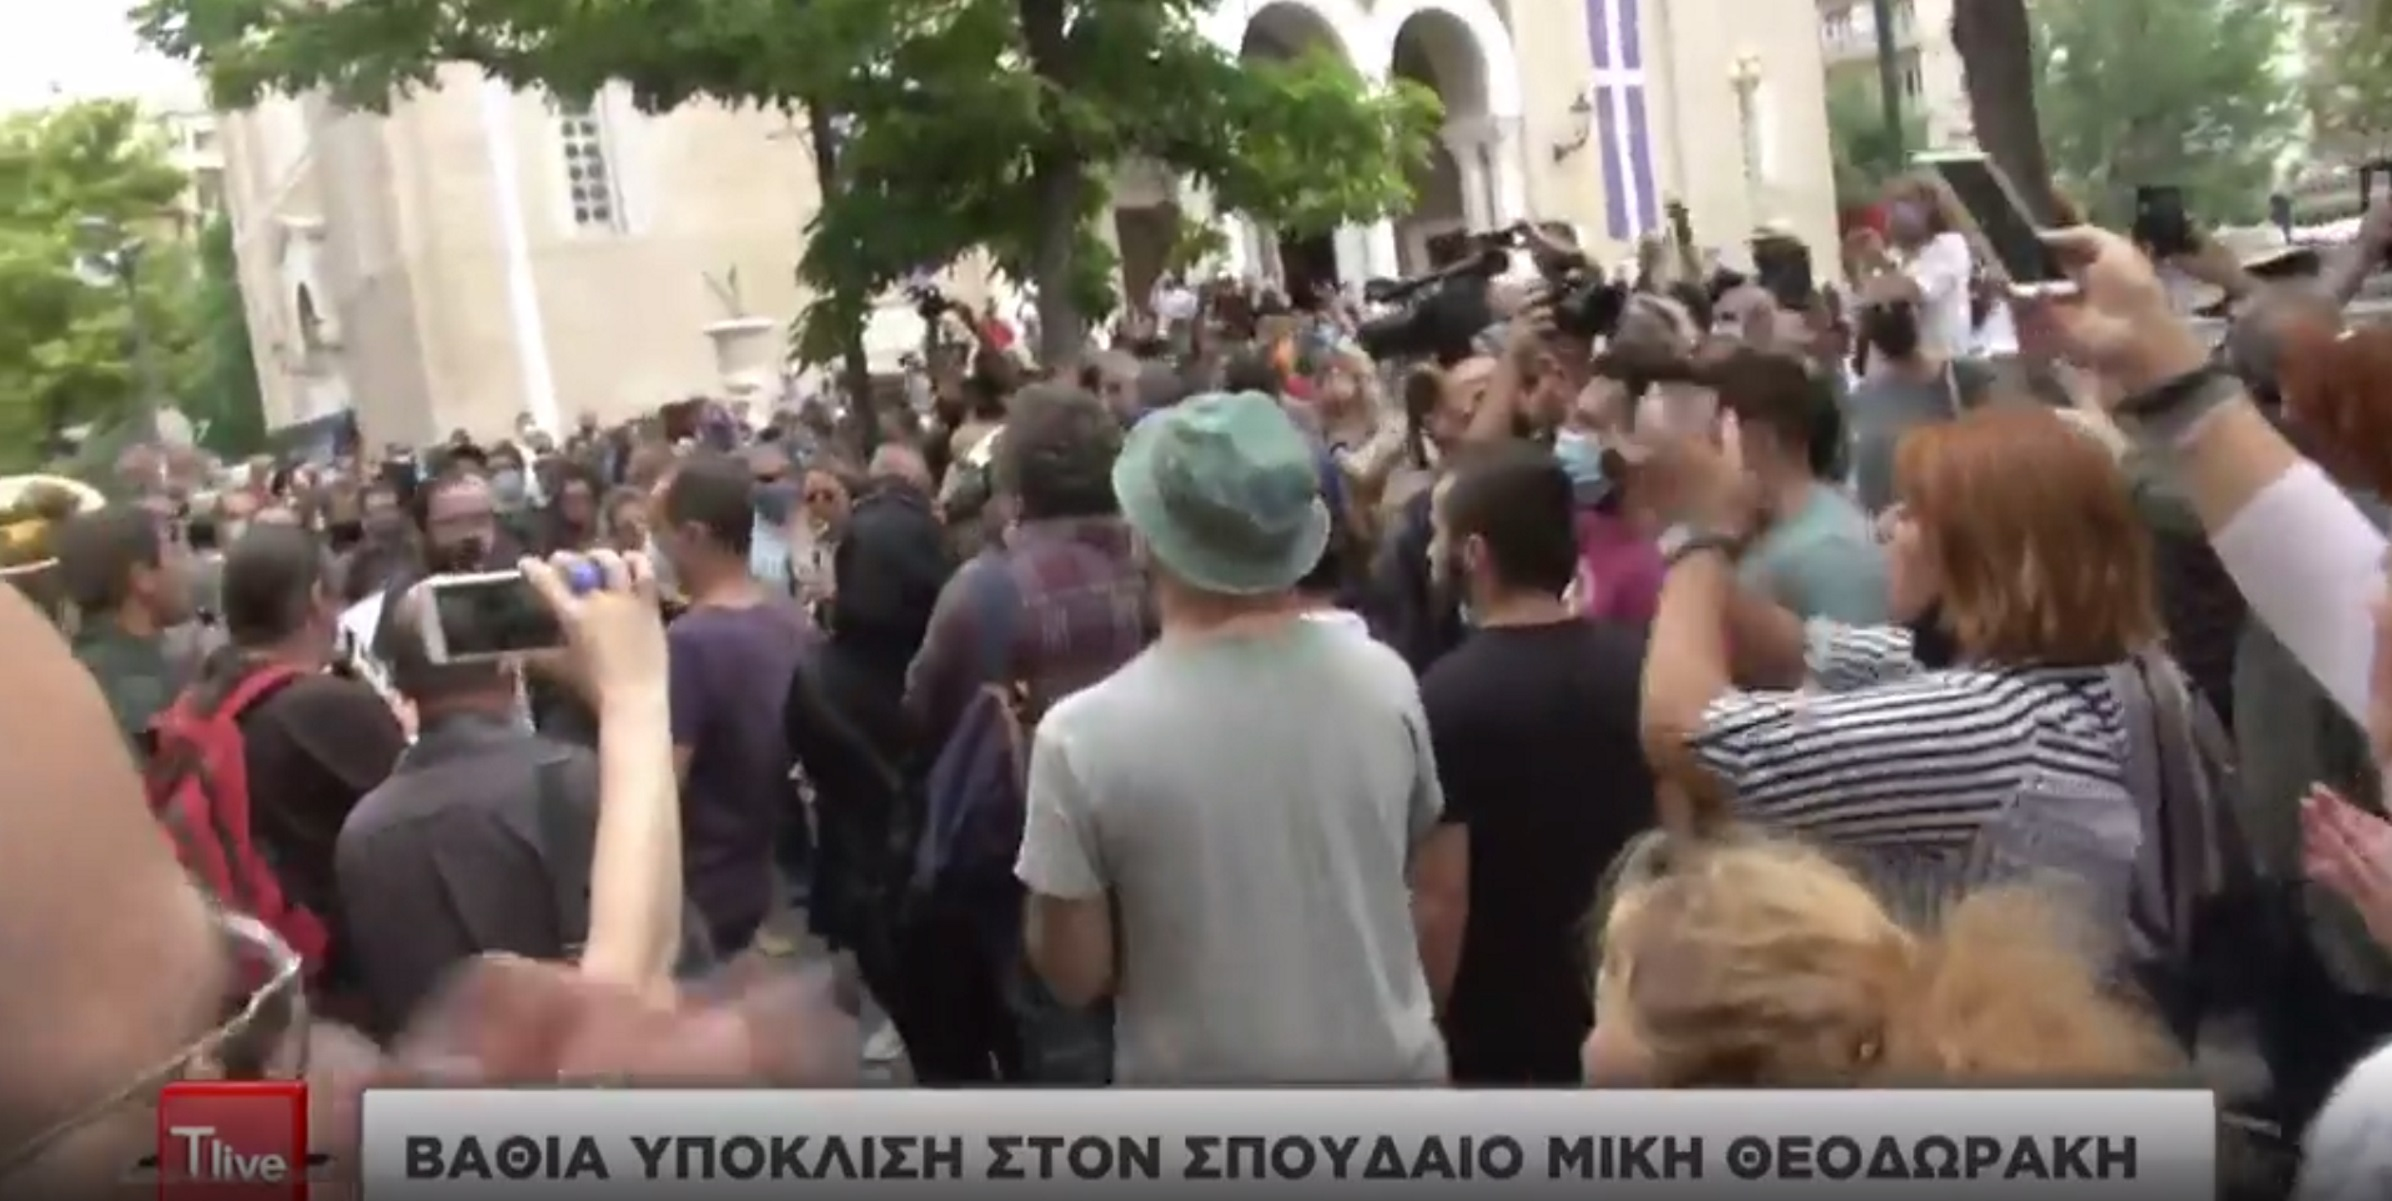 Μίκης Θεοδωράκης: Αποχαιρετισμός με τραγούδια έξω από τη Μητρόπολη – Δείτε βίντεο